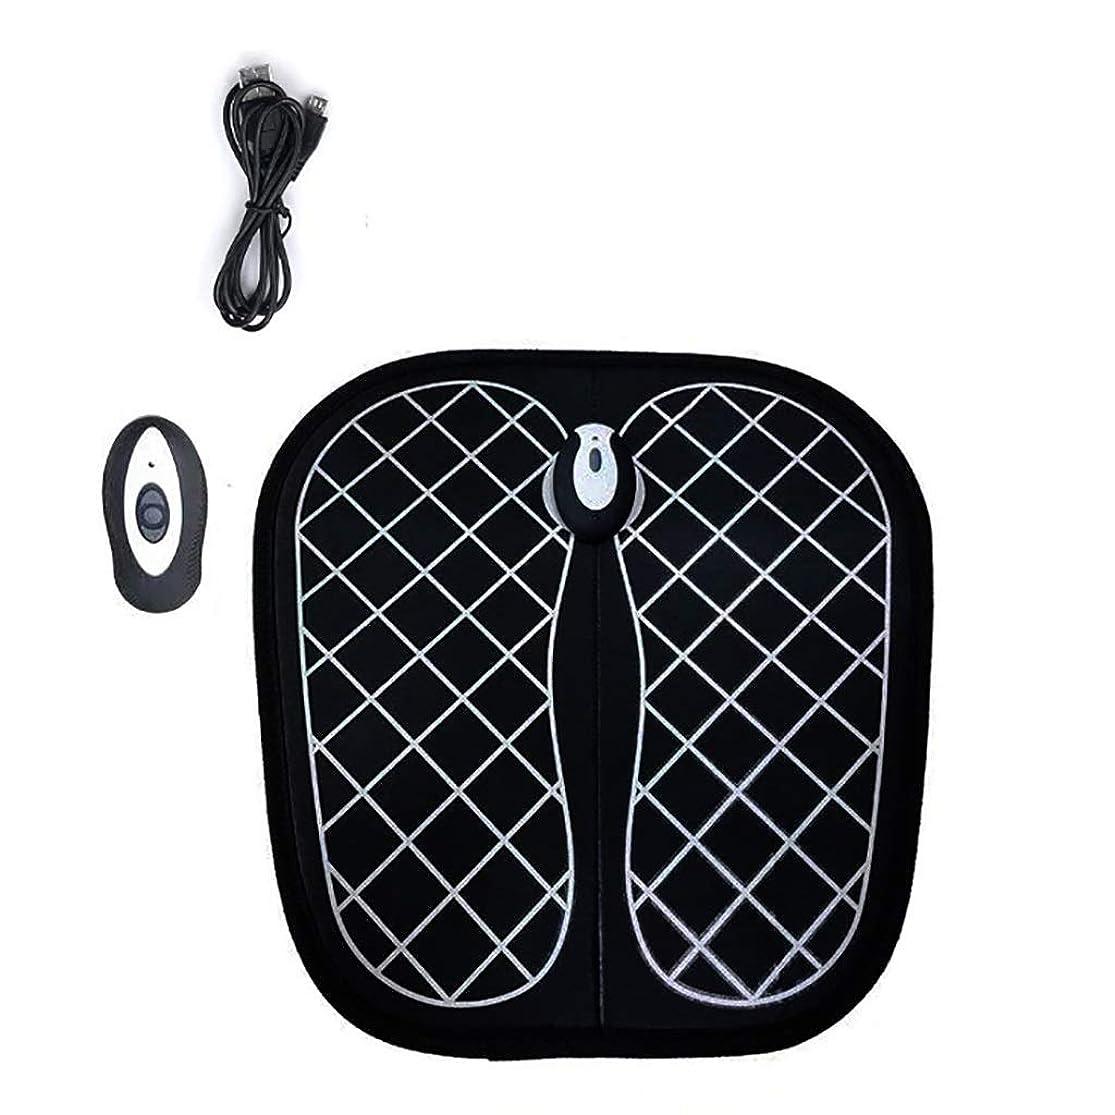 平日チキン崖電動フットマッサージャー、振動足底パルスマット、USB充電式ヘルプで血行を改善し、痛みや痛みを和らげます (Color : Black)